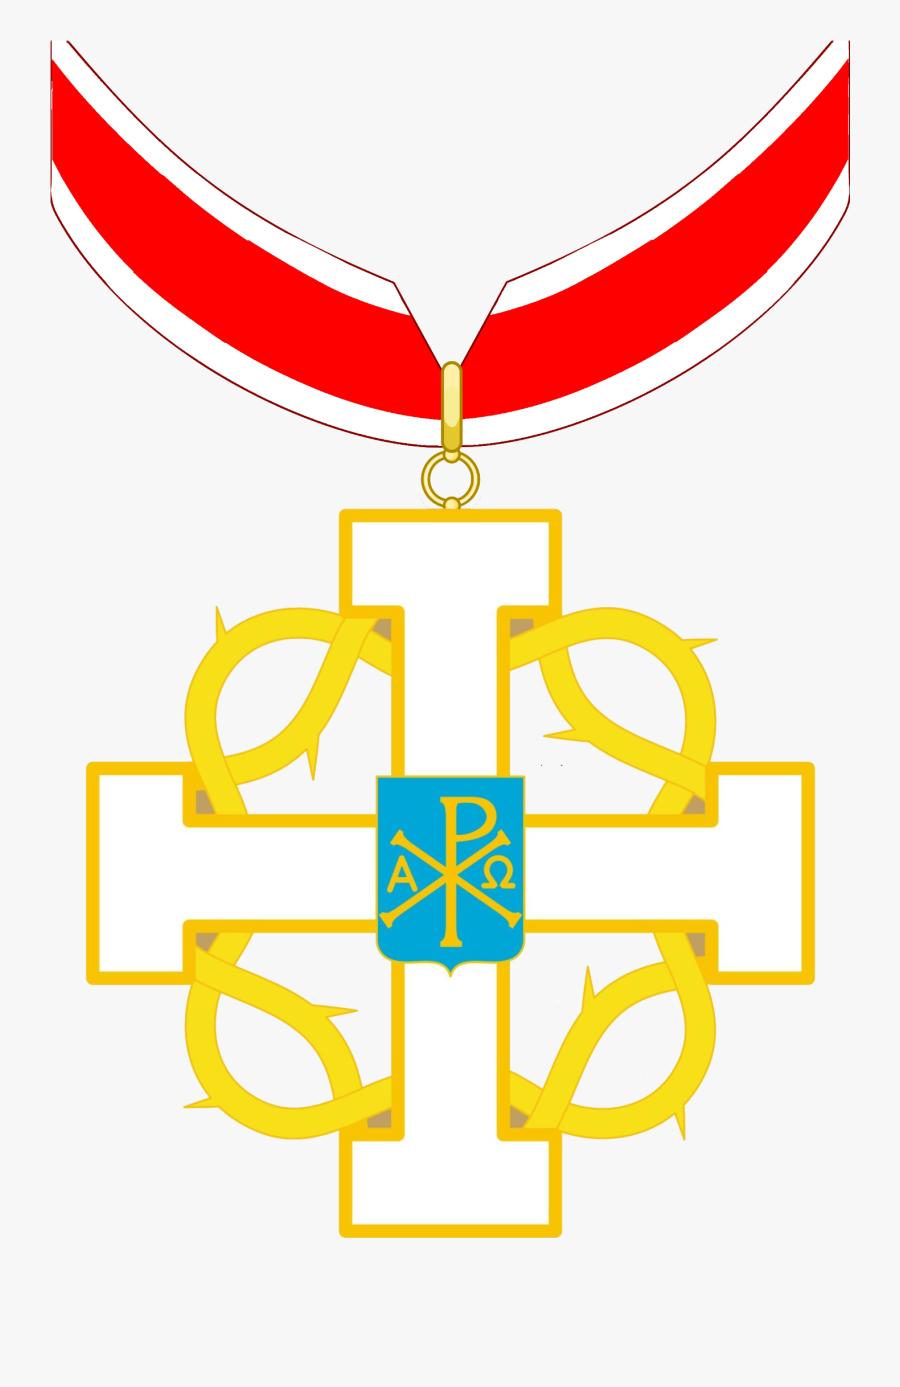 Koctb - Crest, Transparent Clipart